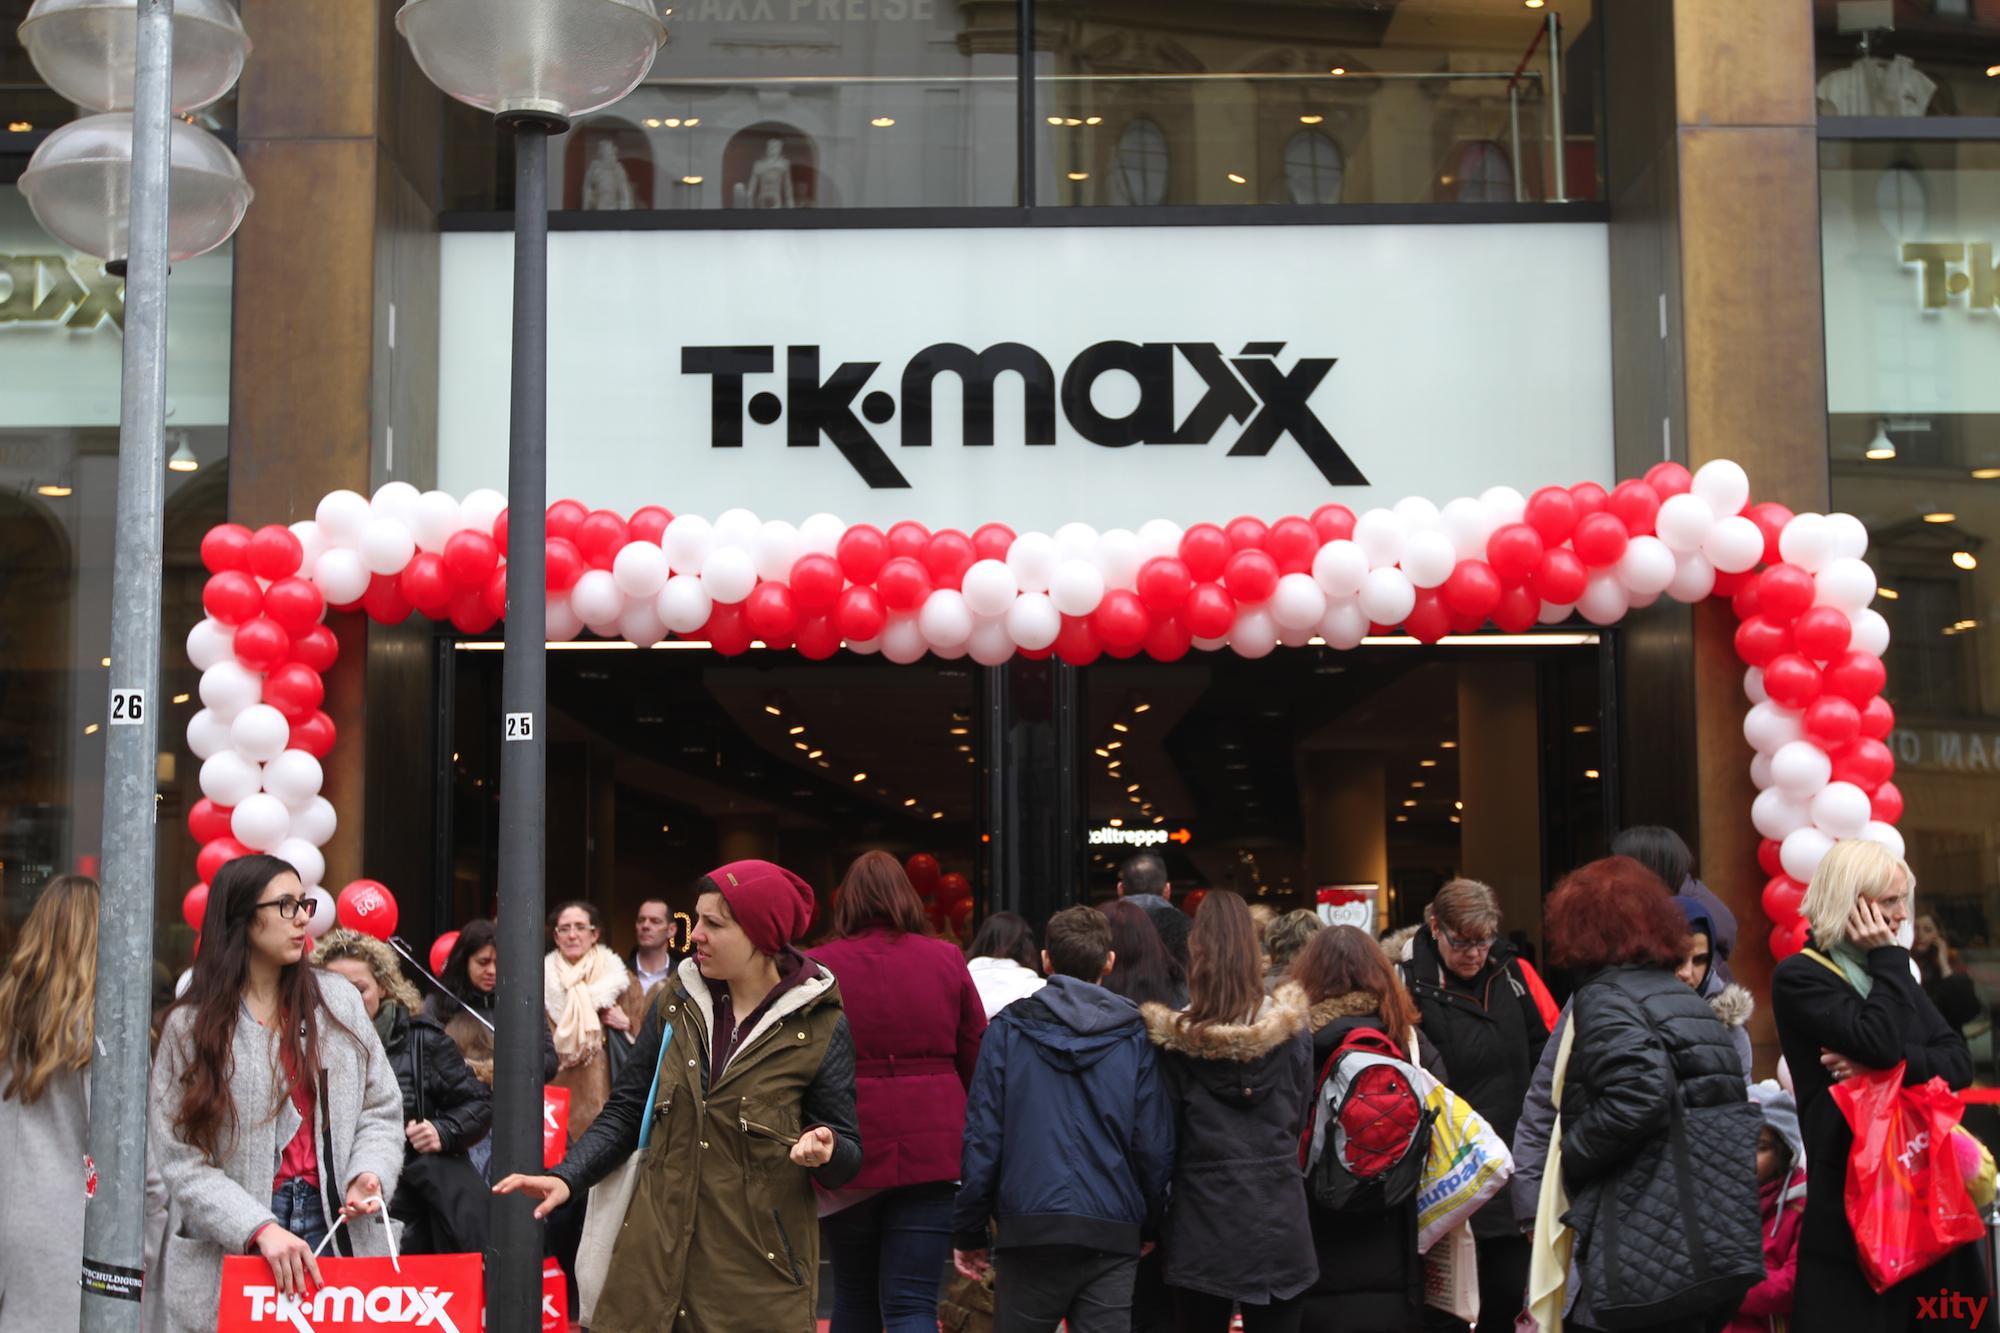 5.000 qm Shoppingparadies (Foto: xity)